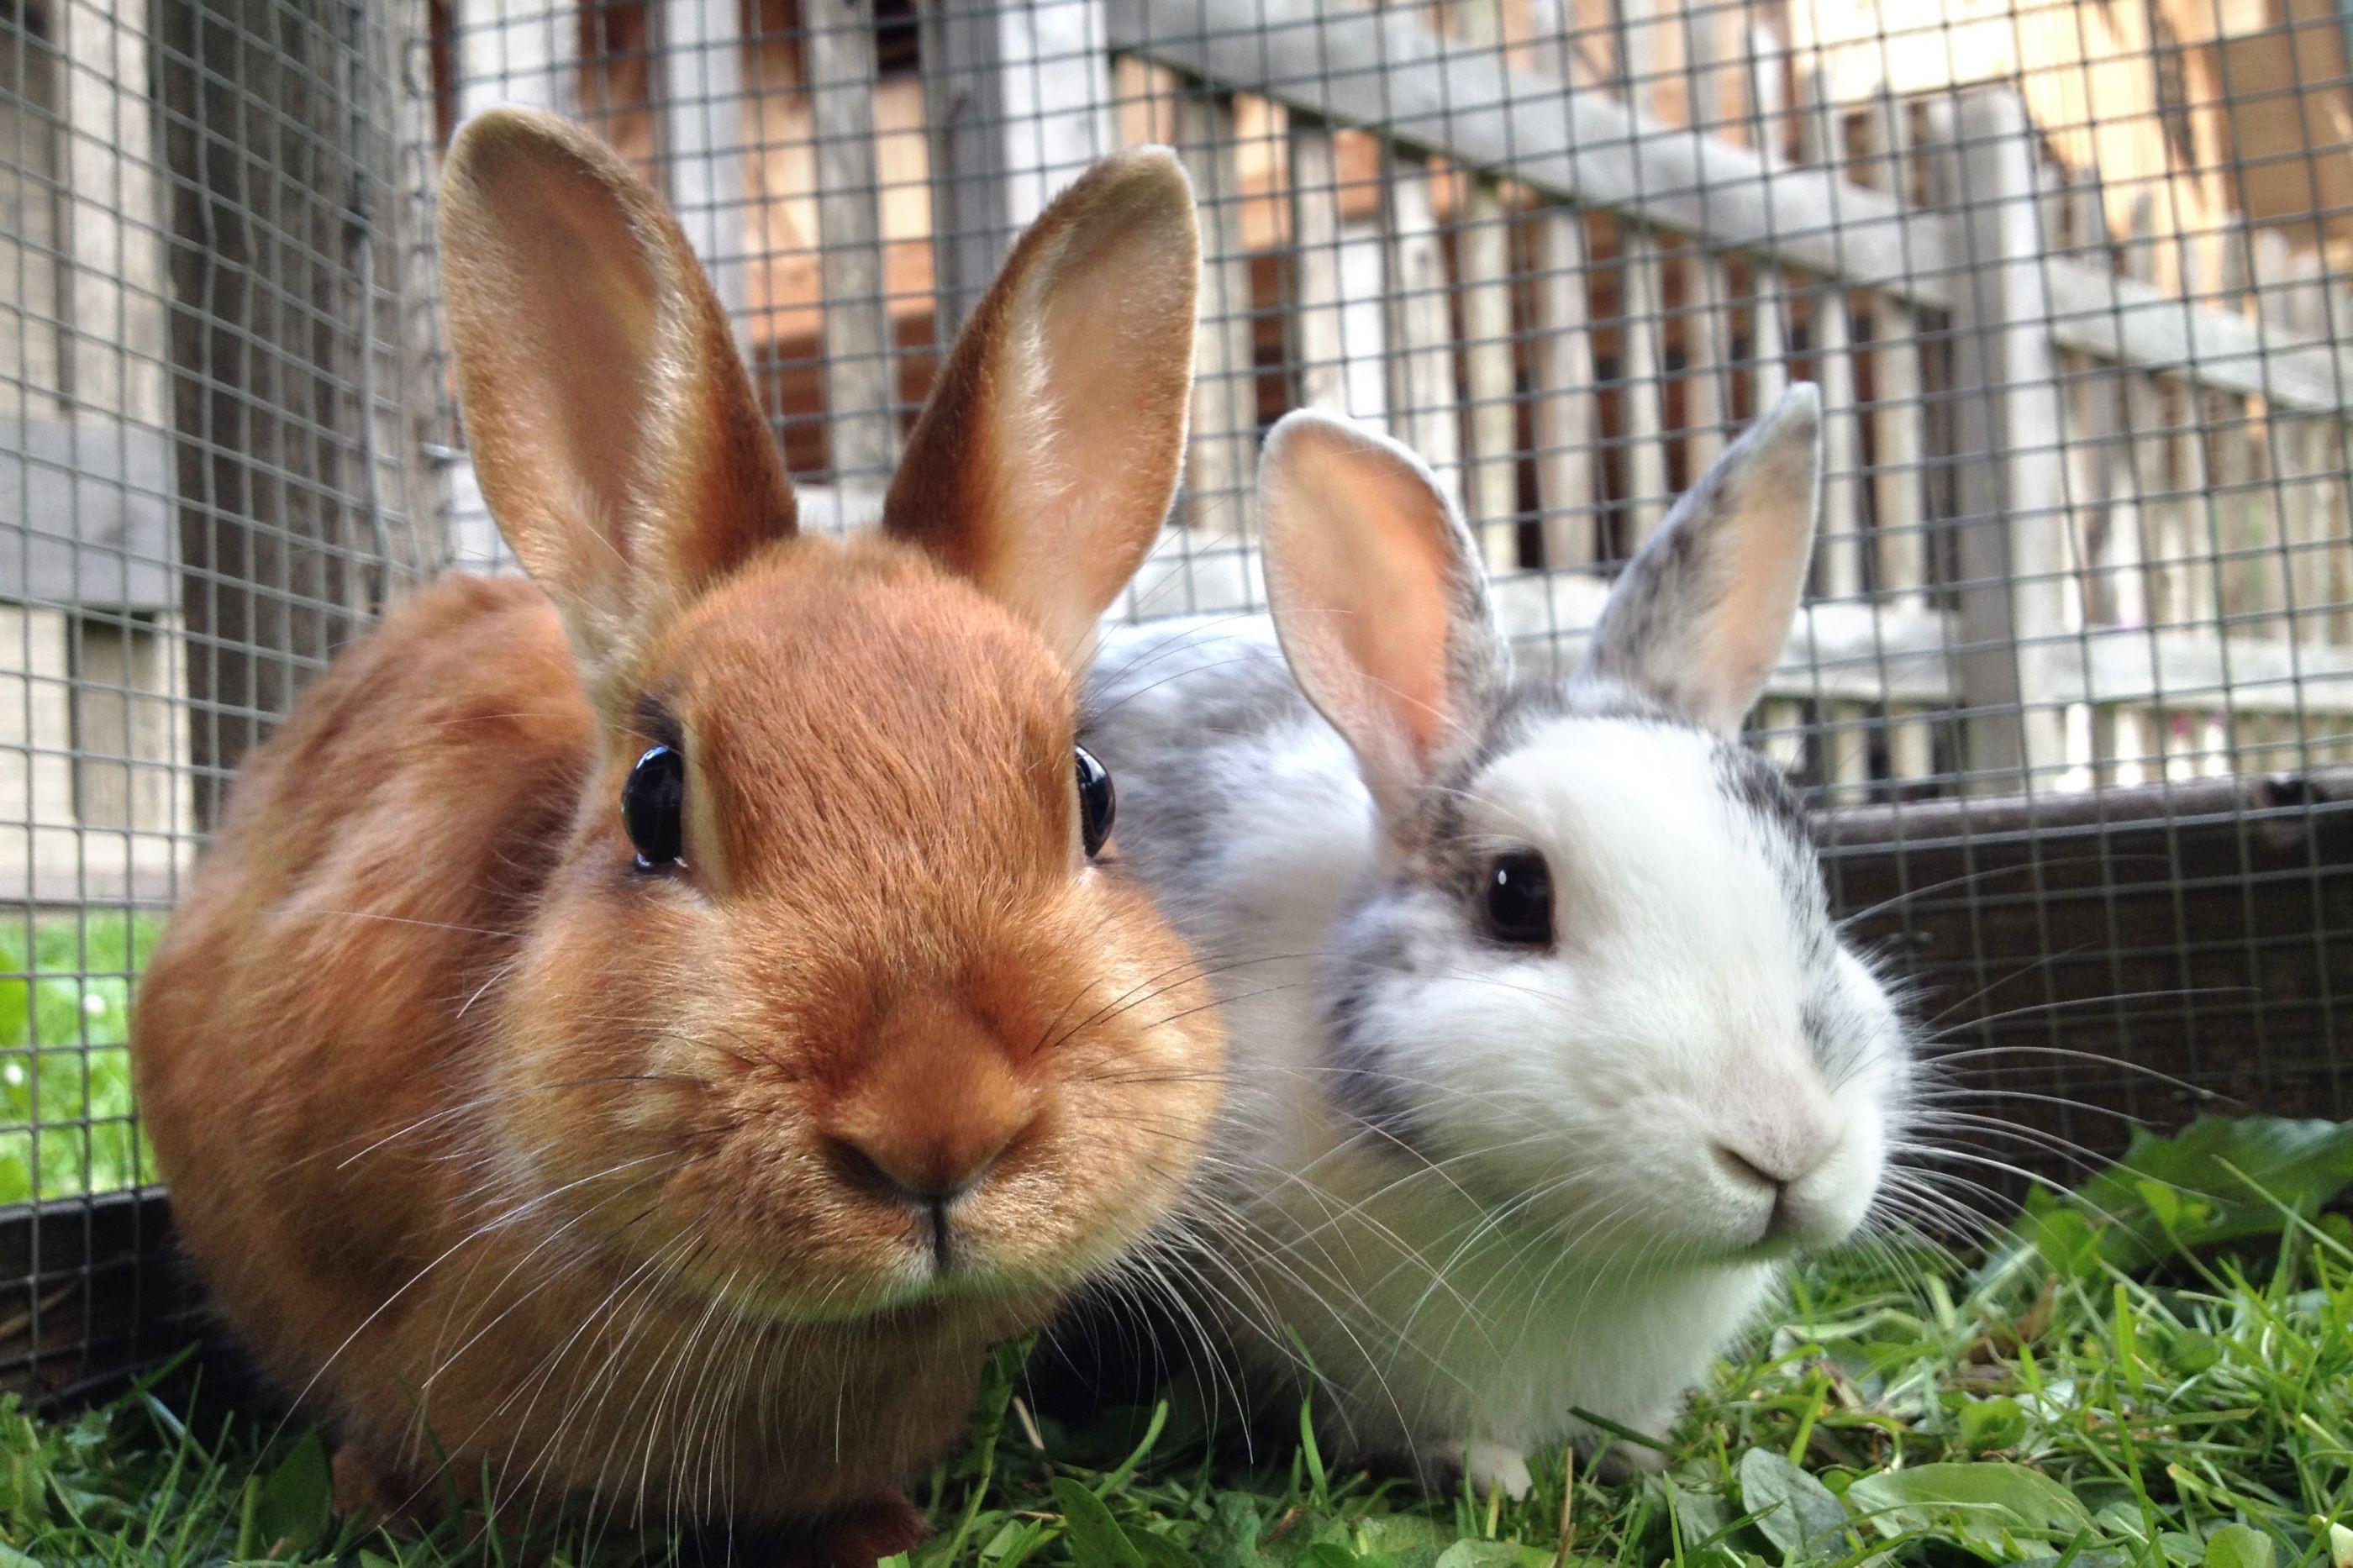 'Serial-killer' de coelhos voltou a atacar em França